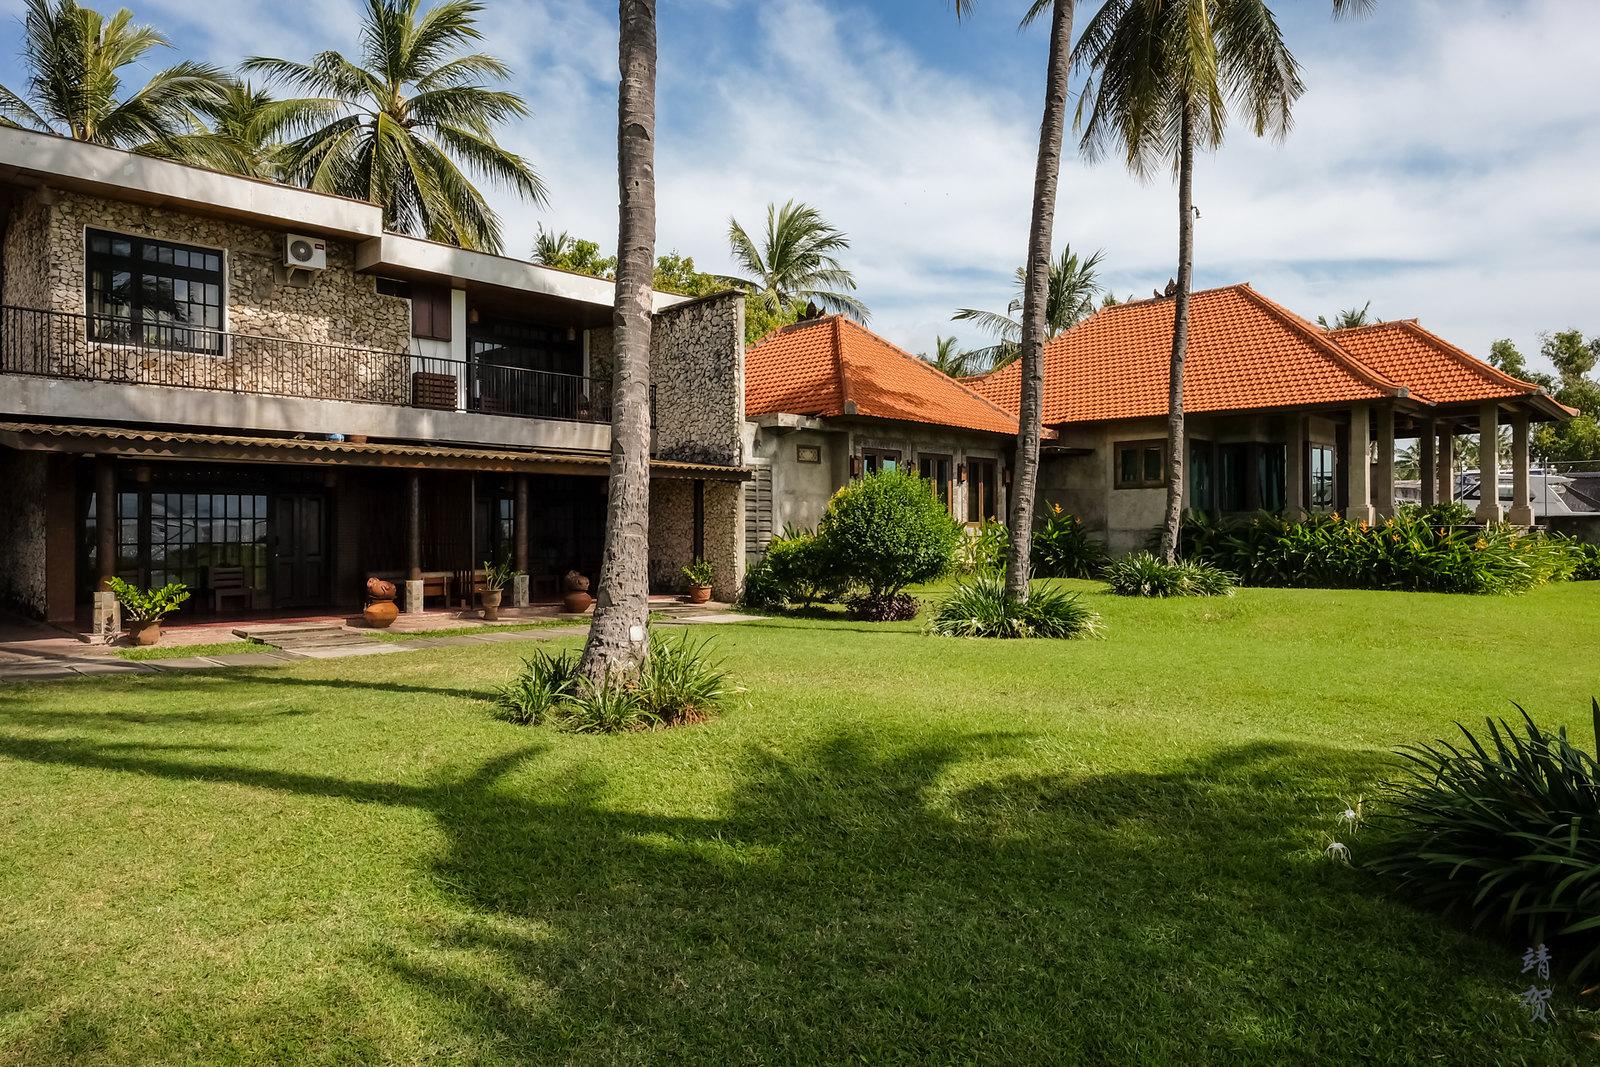 Villa in the resort